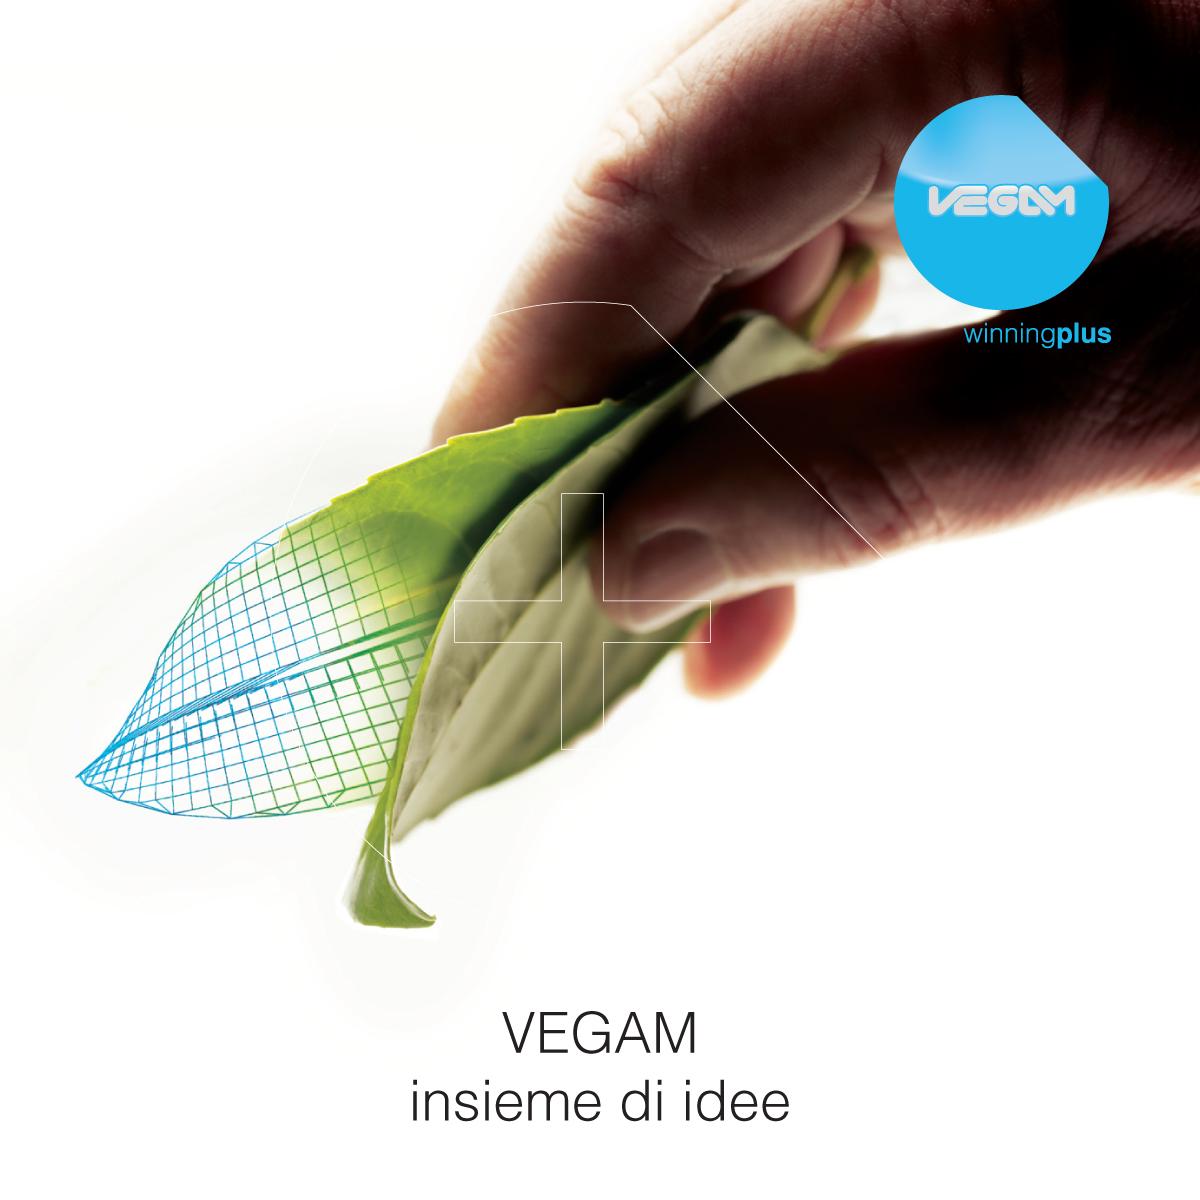 Strumenti di promozione-promotional activities: Monografia e manuale aziendale Vegam